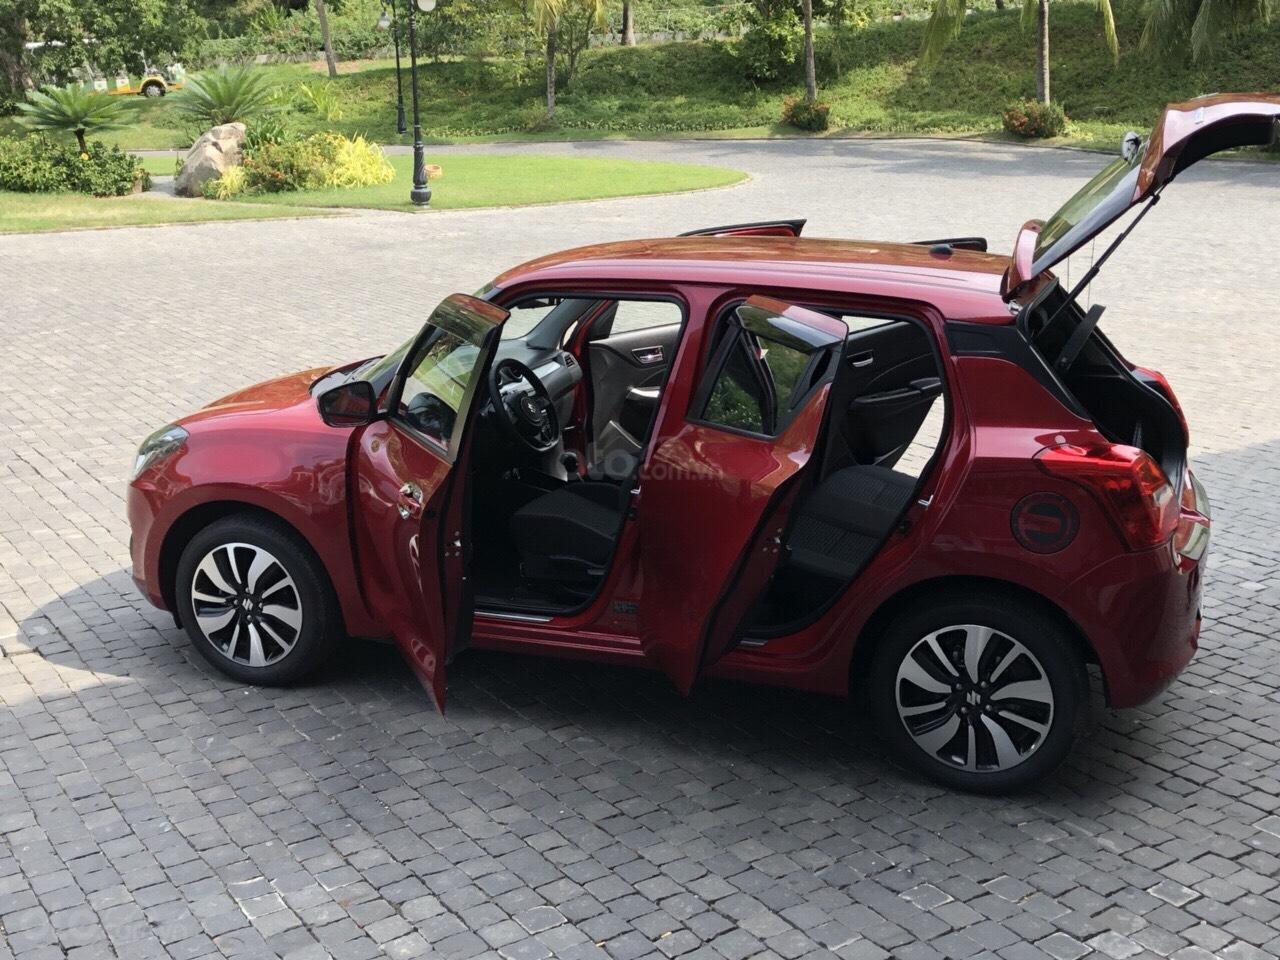 Bán xe Suzuki Swift GLX mới 100%, màu đỏ, nhập khẩu, 494 triệu, liên hệ 0911935188 (6)